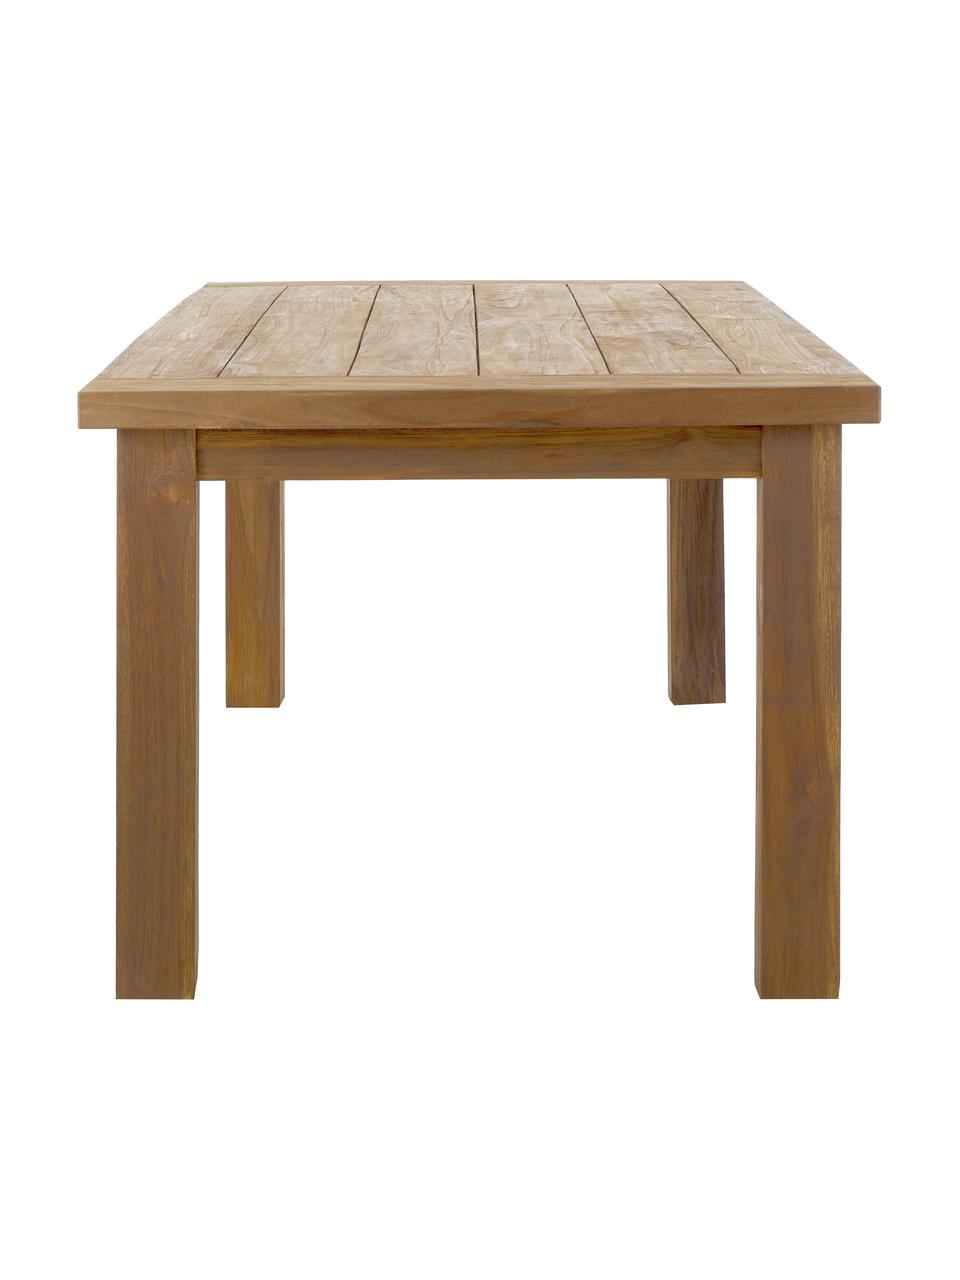 Stół do jadalni z litego drewna tekowego Bois, Lite drewno tekowe, surowe, Drewno tekowe, S 200 x G 100 cm